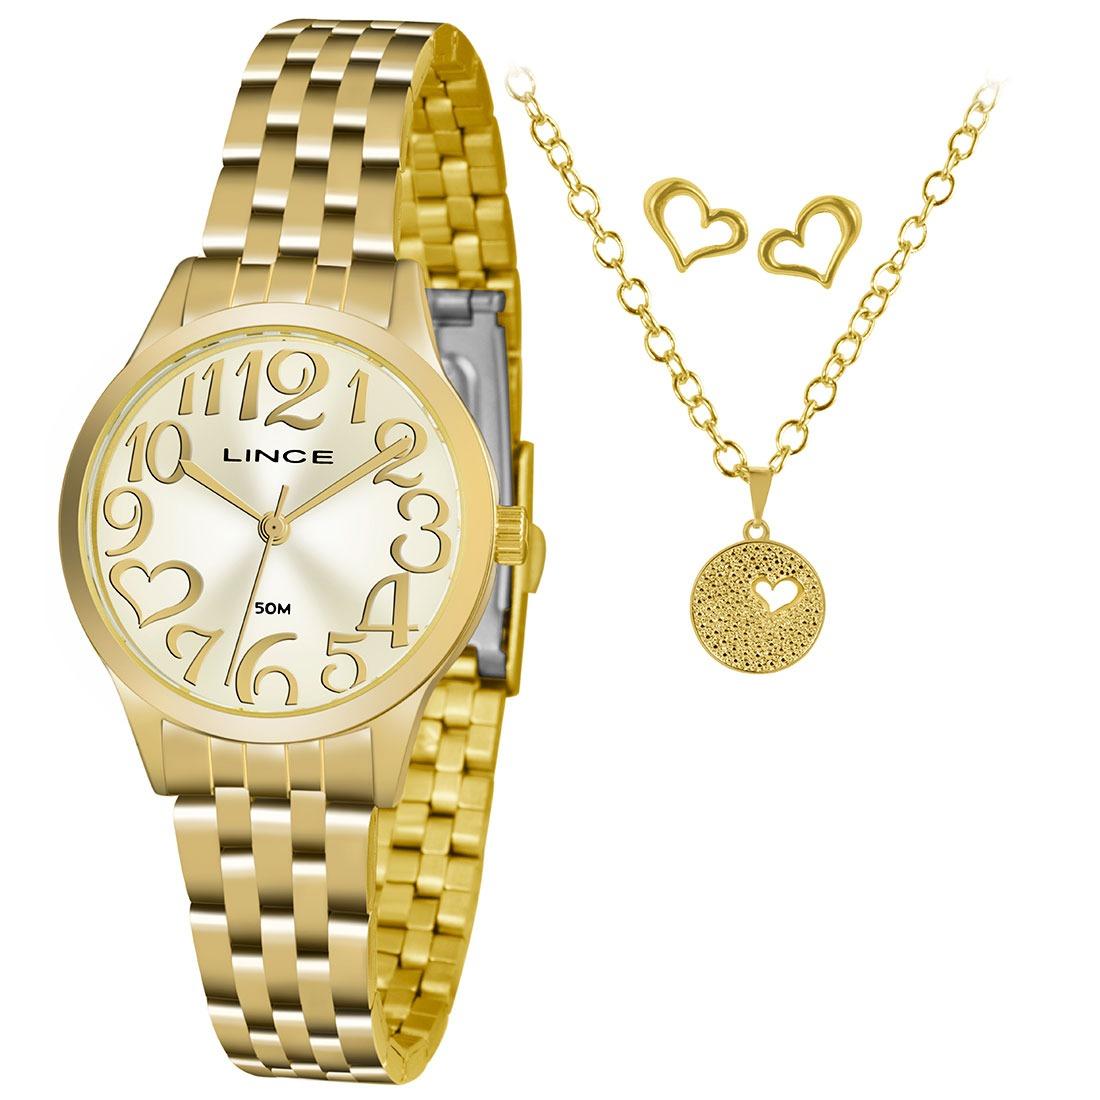 ba6623dbe82 kit relógio feminino analógico lince - lrgh071l ku37c2kx. Carregando zoom.